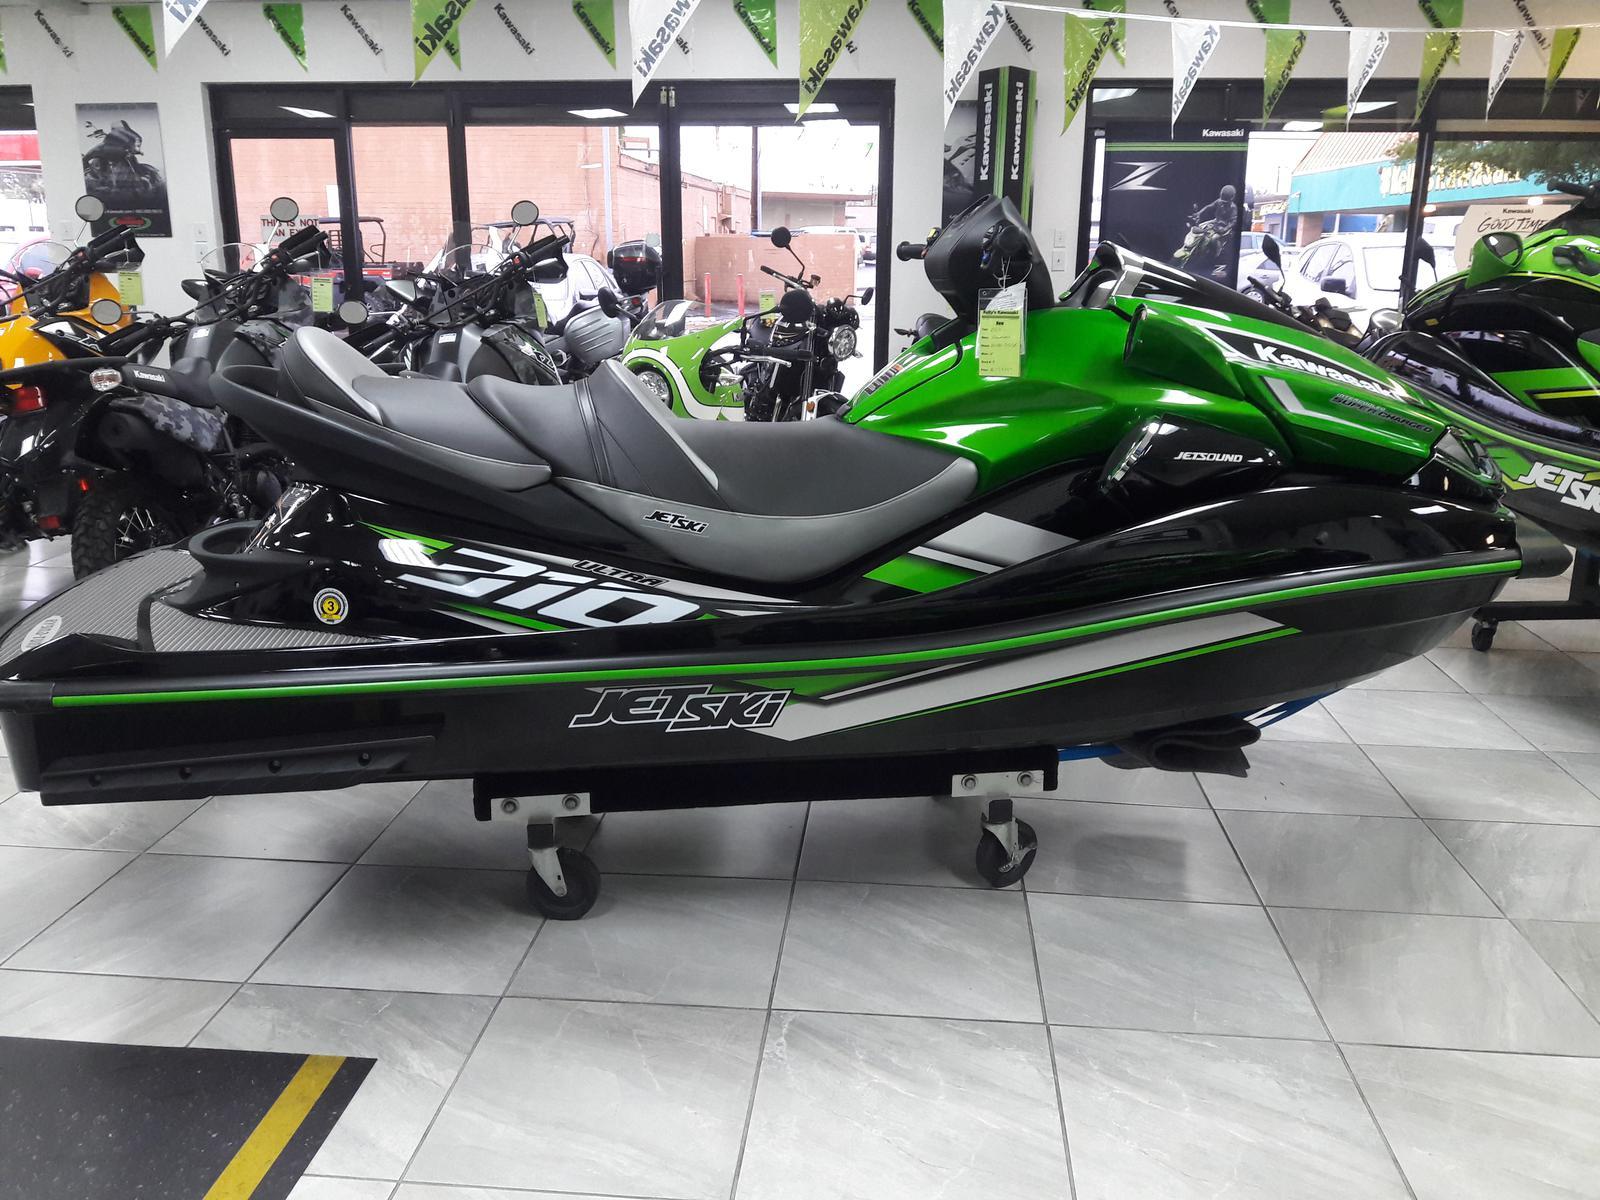 2019 Kawasaki 310 LX Jet Ski